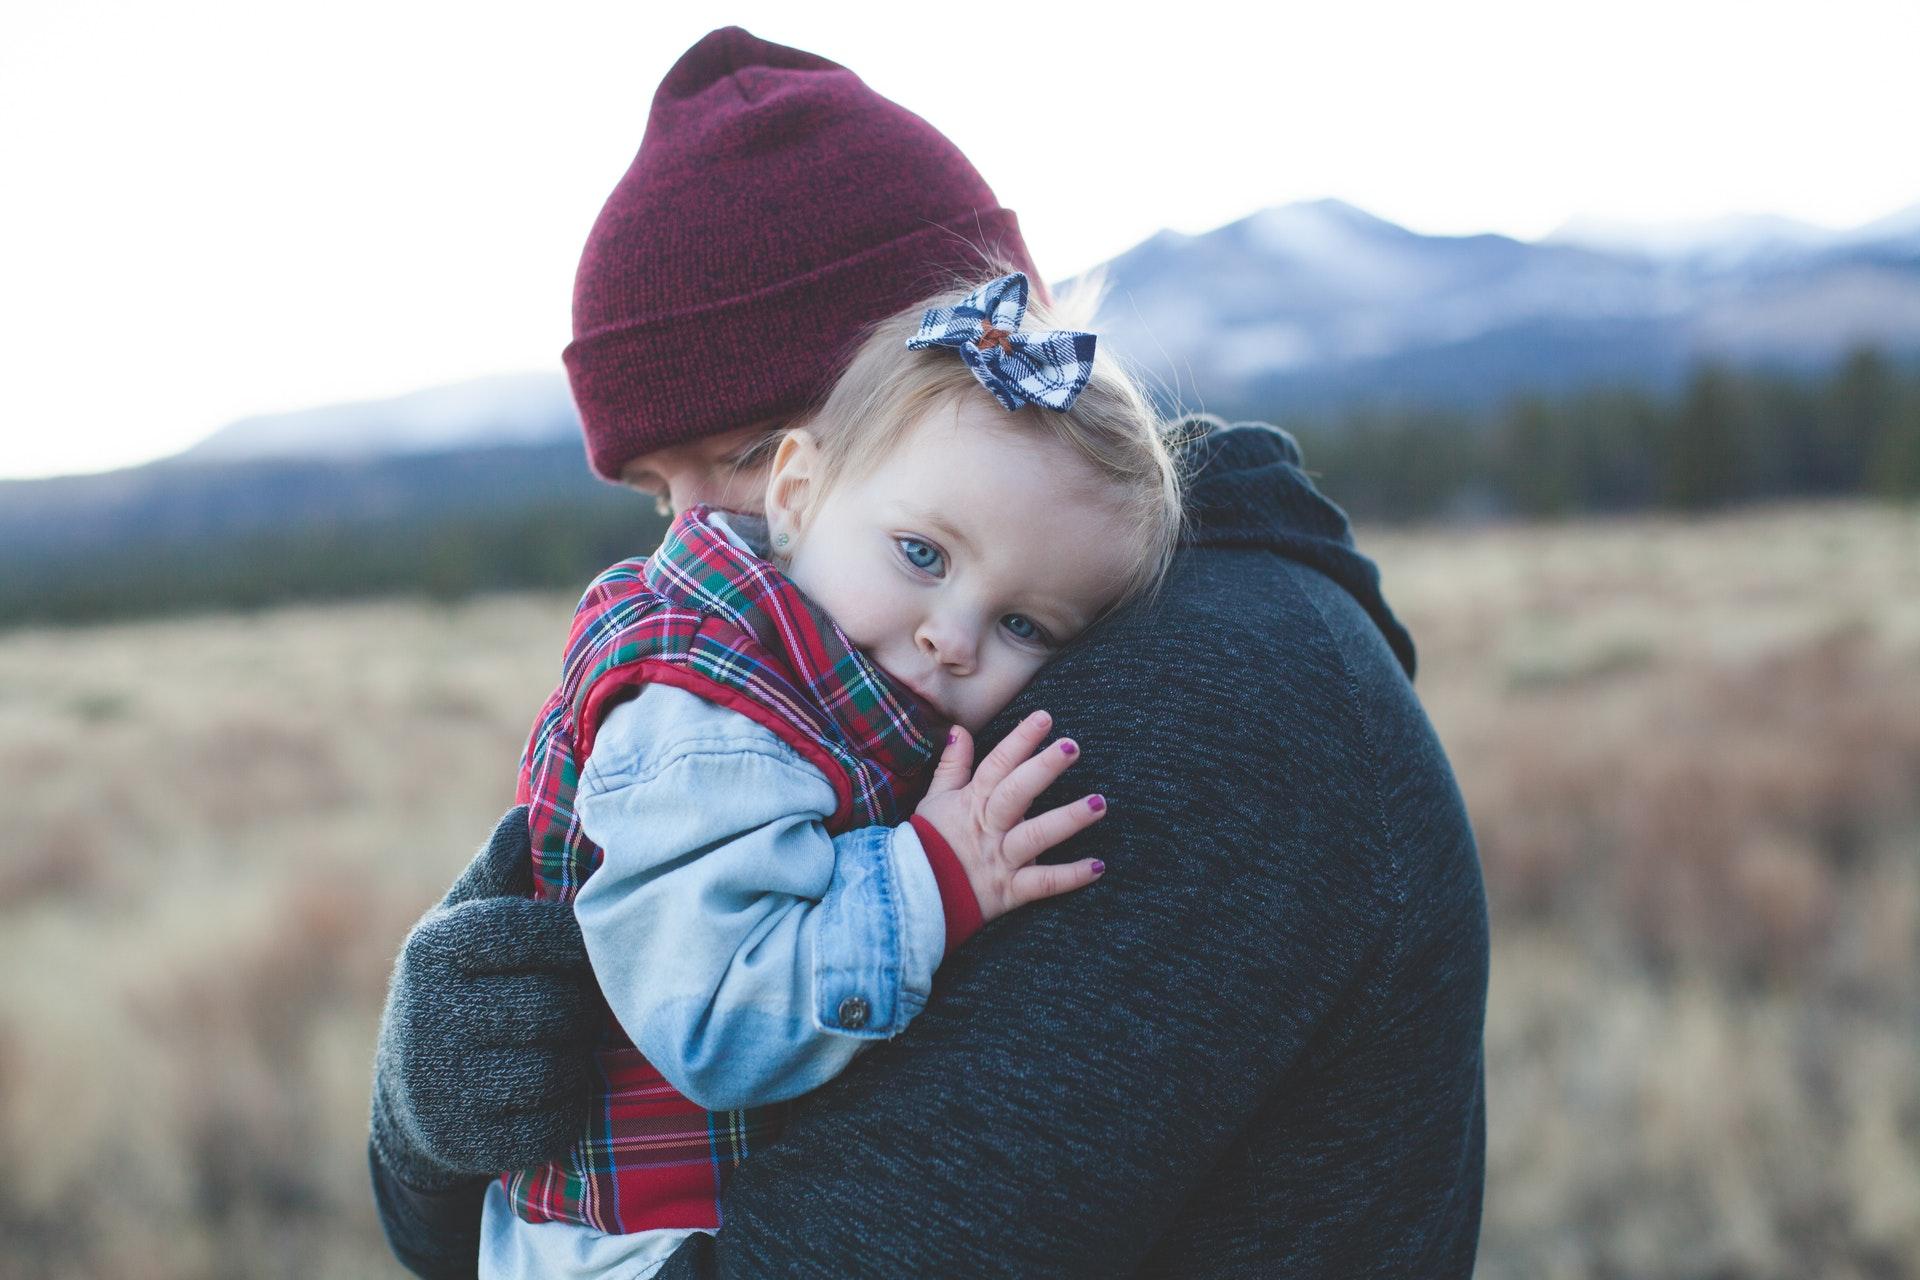 Может ли одинокий мужчина воспользоваться суррогатной матерью